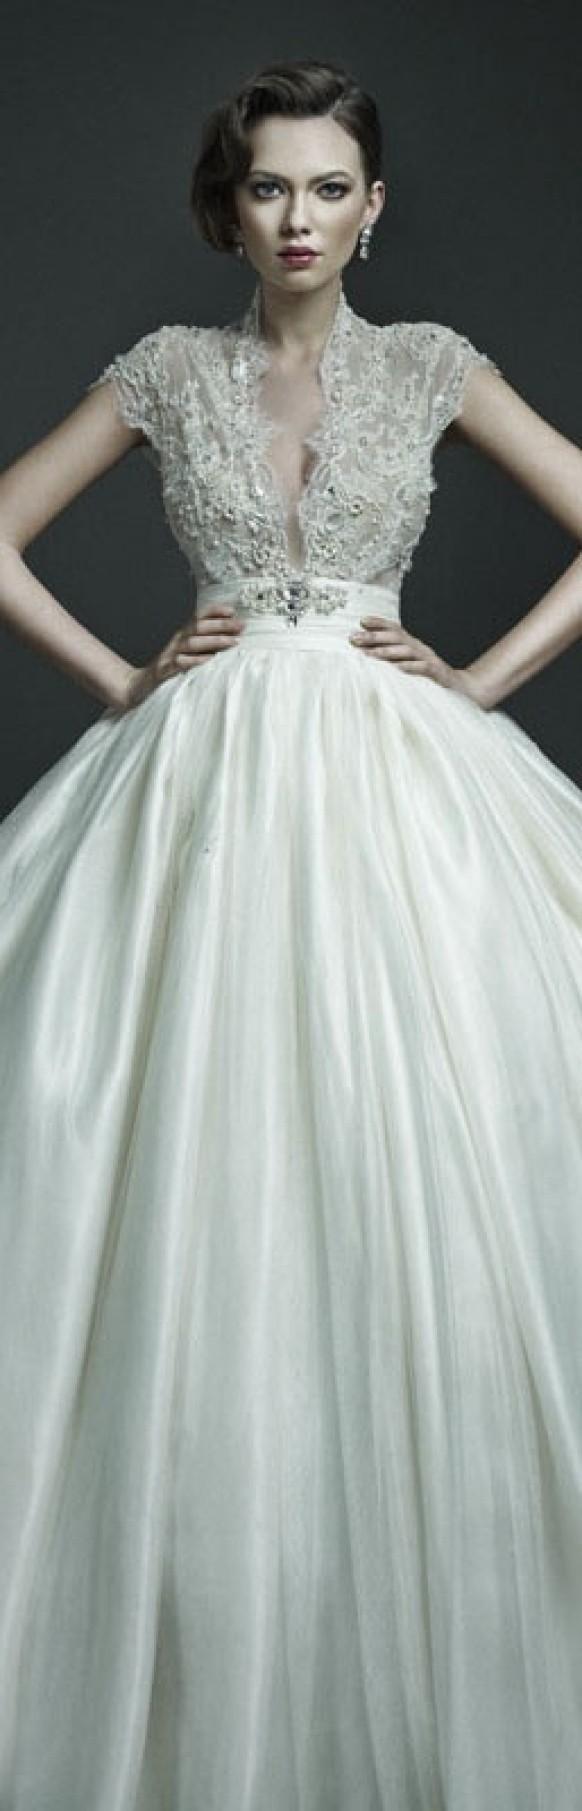 Wedding - If I Do